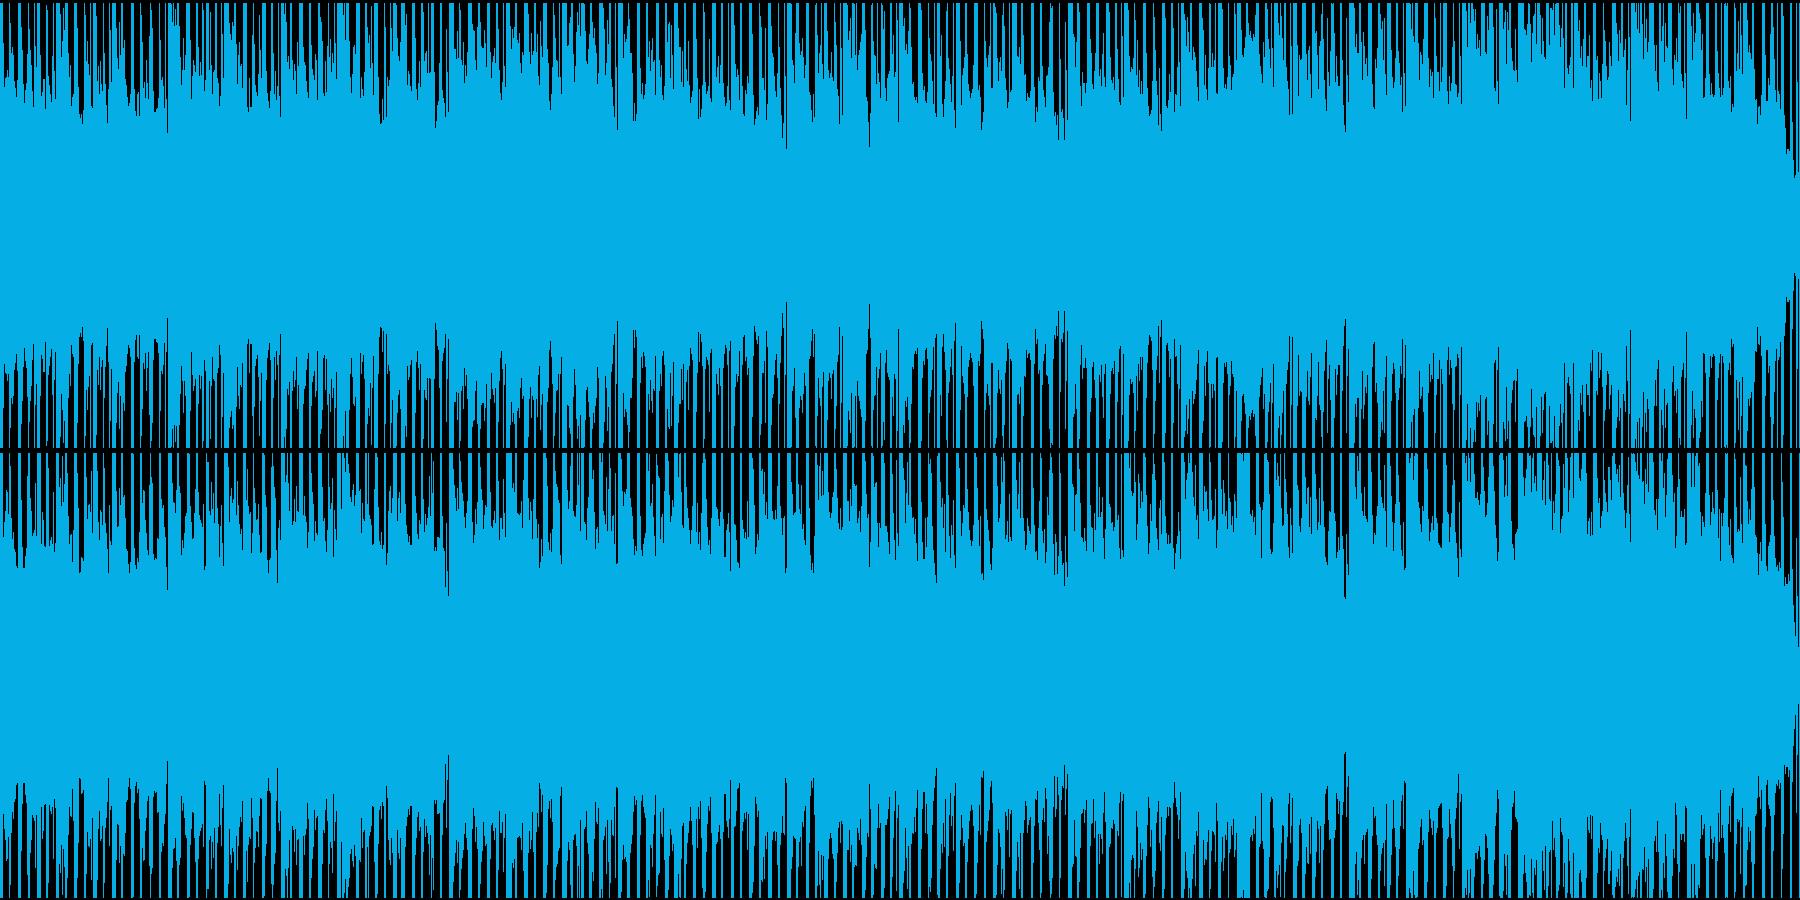 ドキュメンタリーやさしい曲2 ハウス風の再生済みの波形